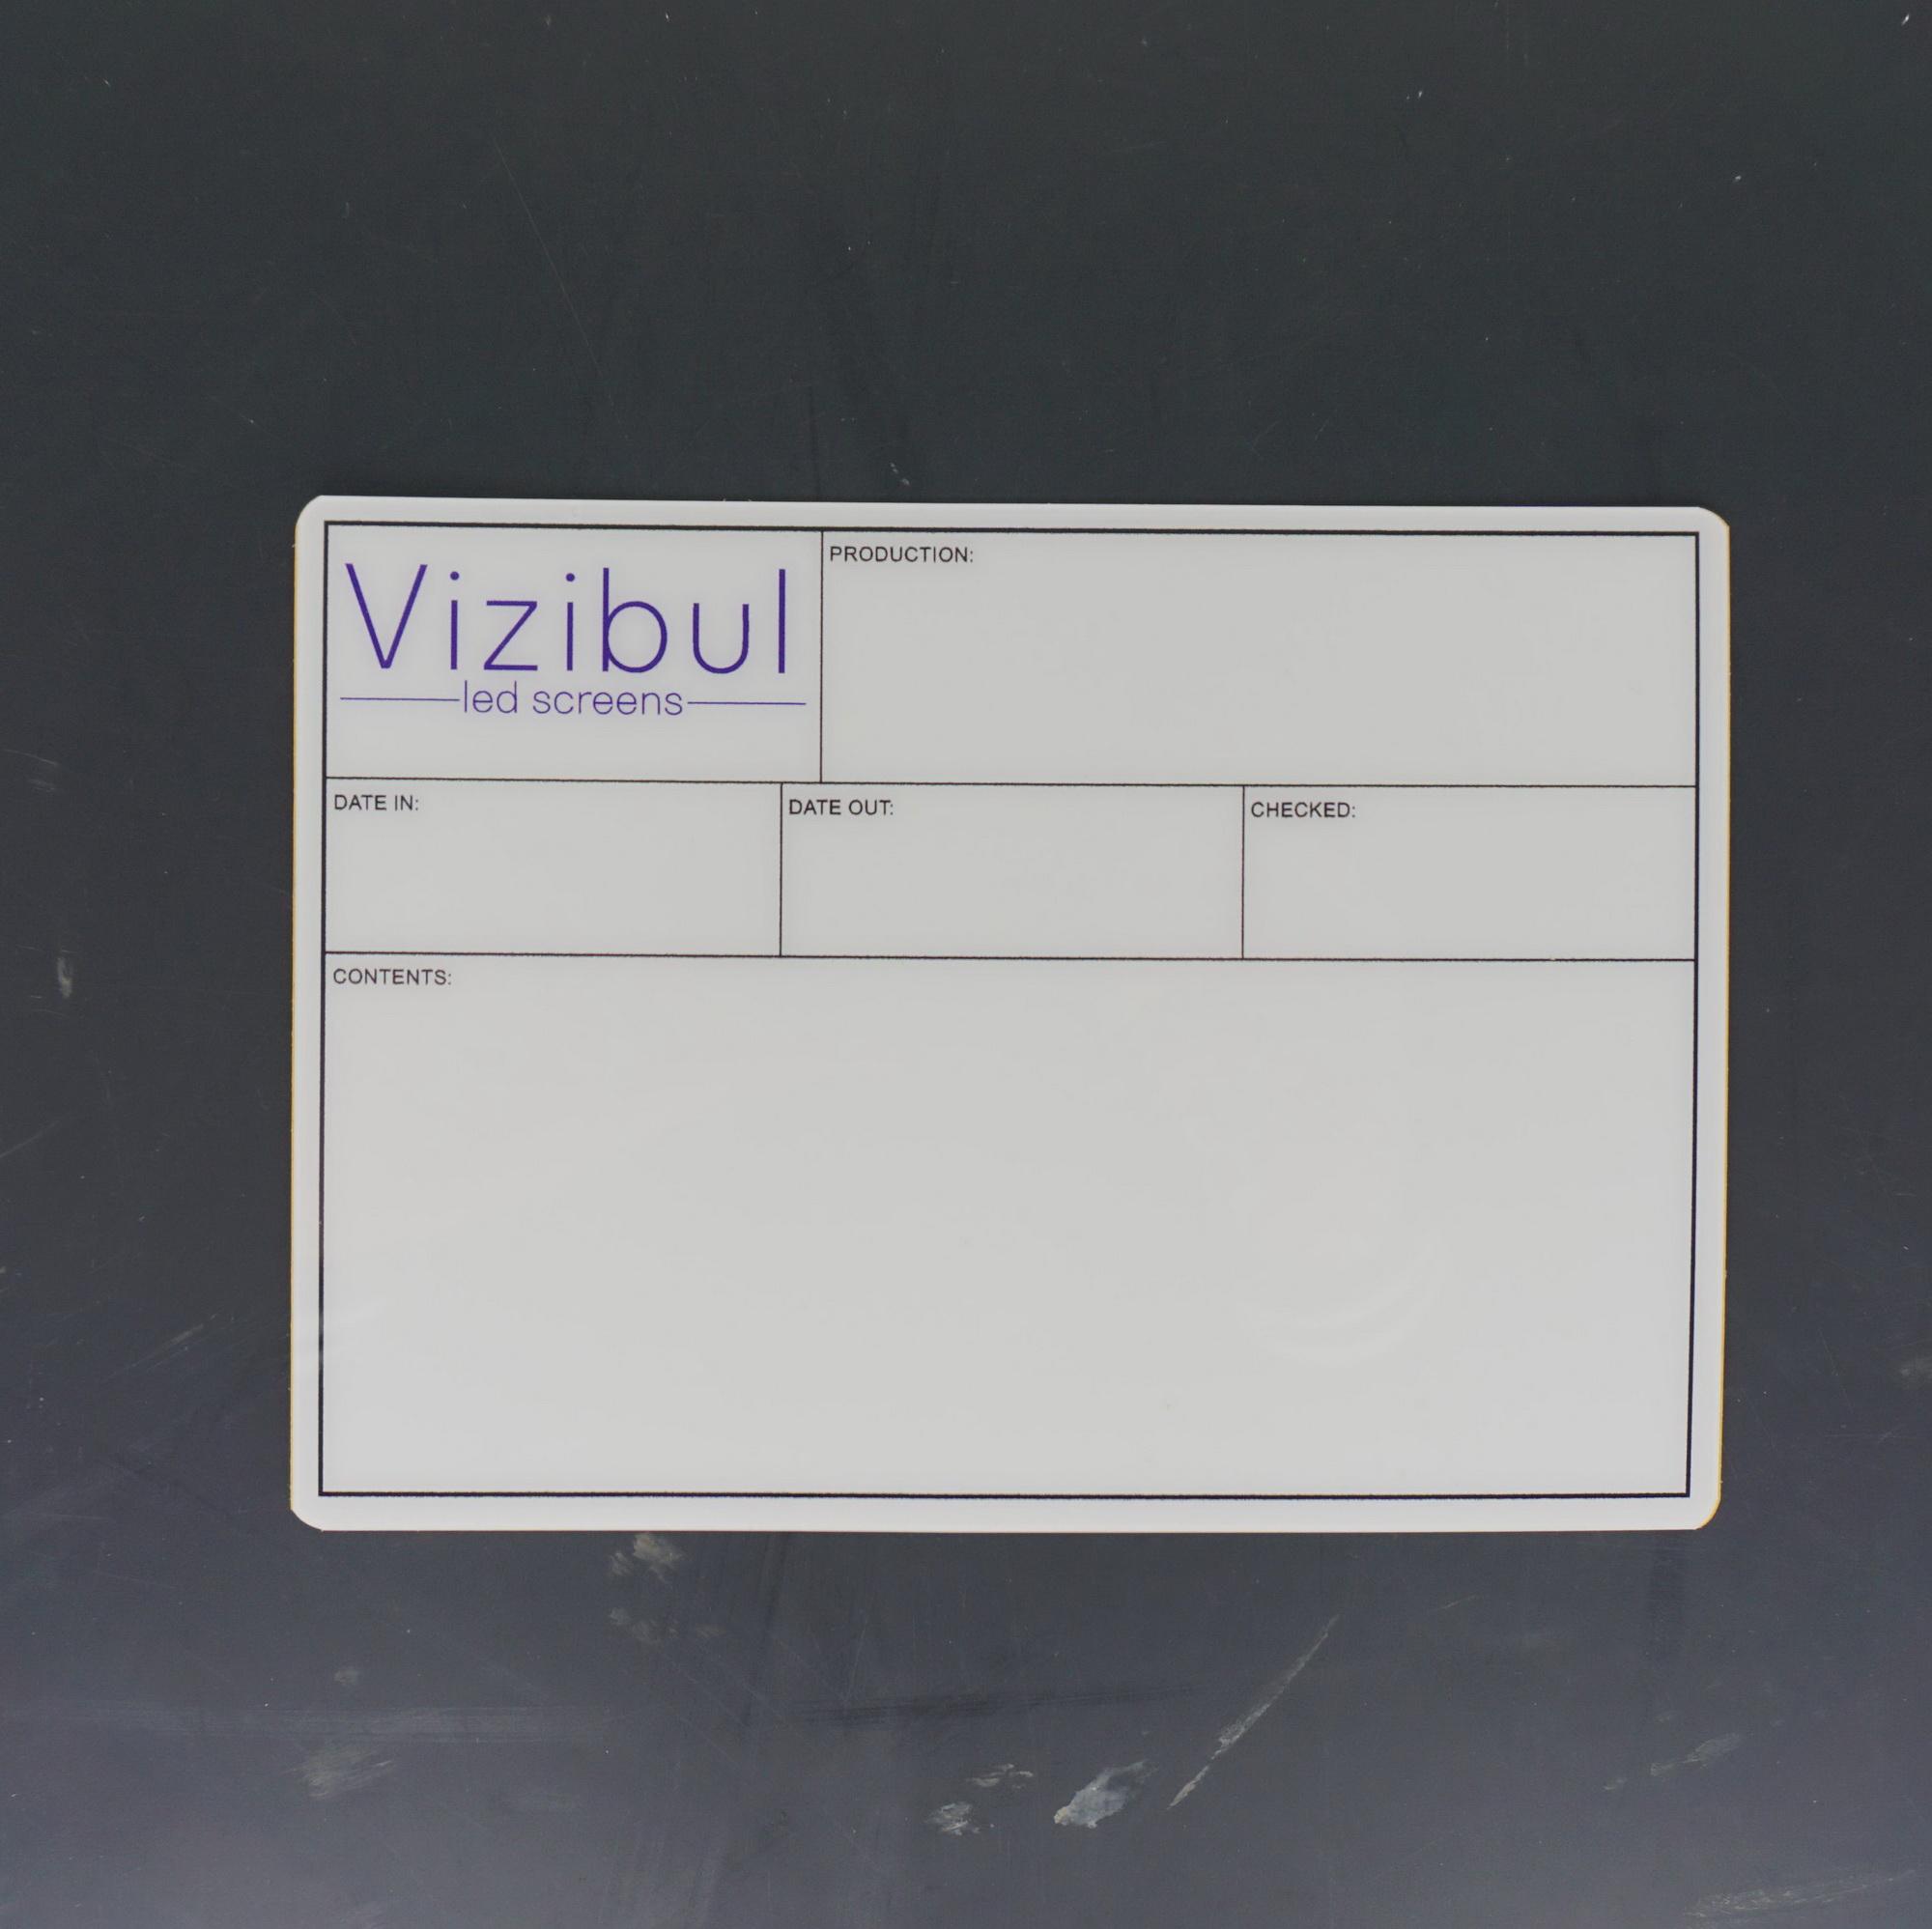 Flightcaselabels Caselabels Vizibul